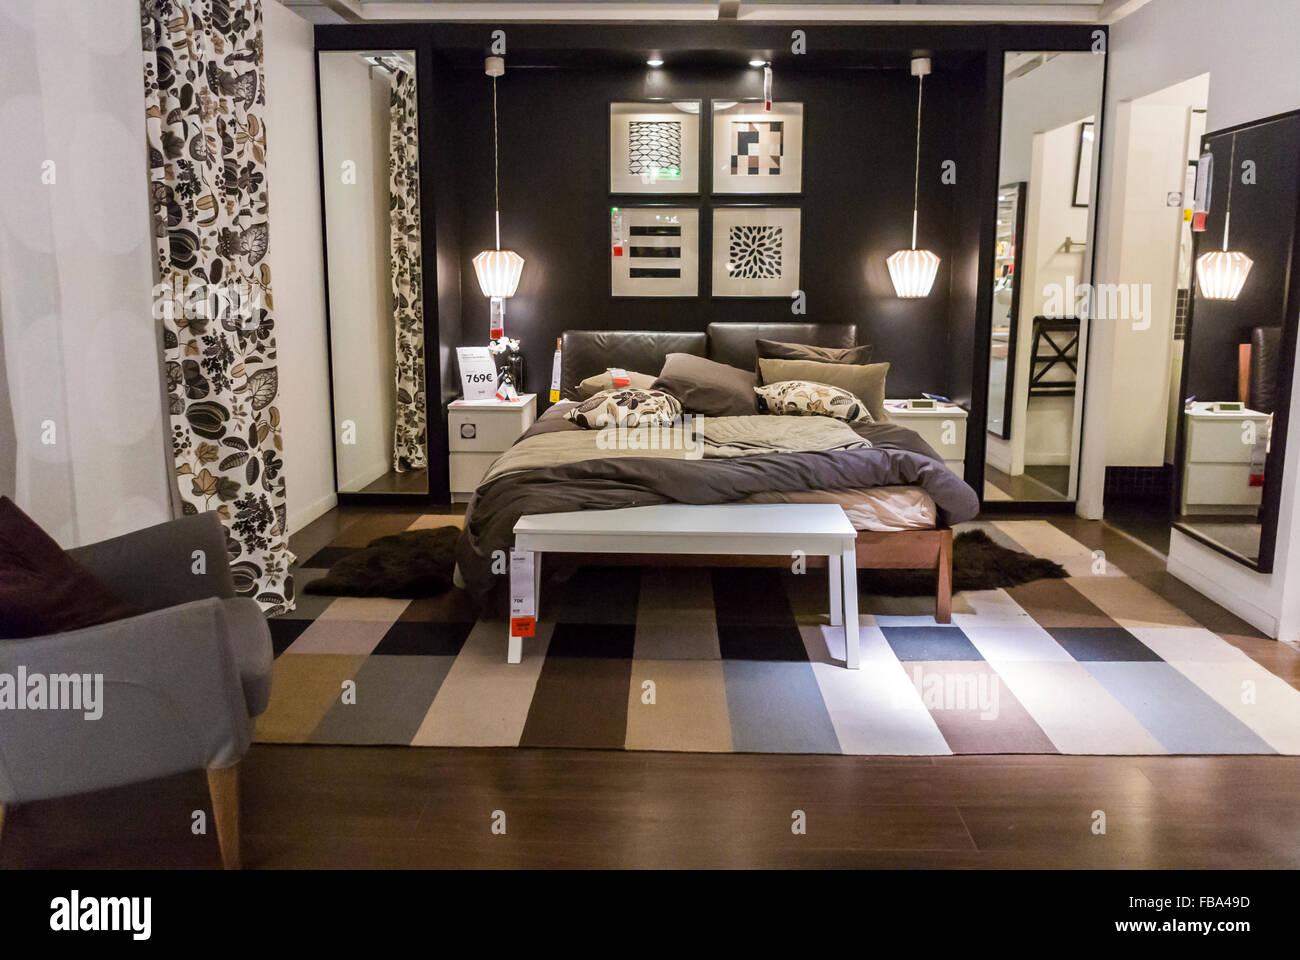 Paris, France, Lu0027affichage En Magasin De Bricolage Pour La Maison ...